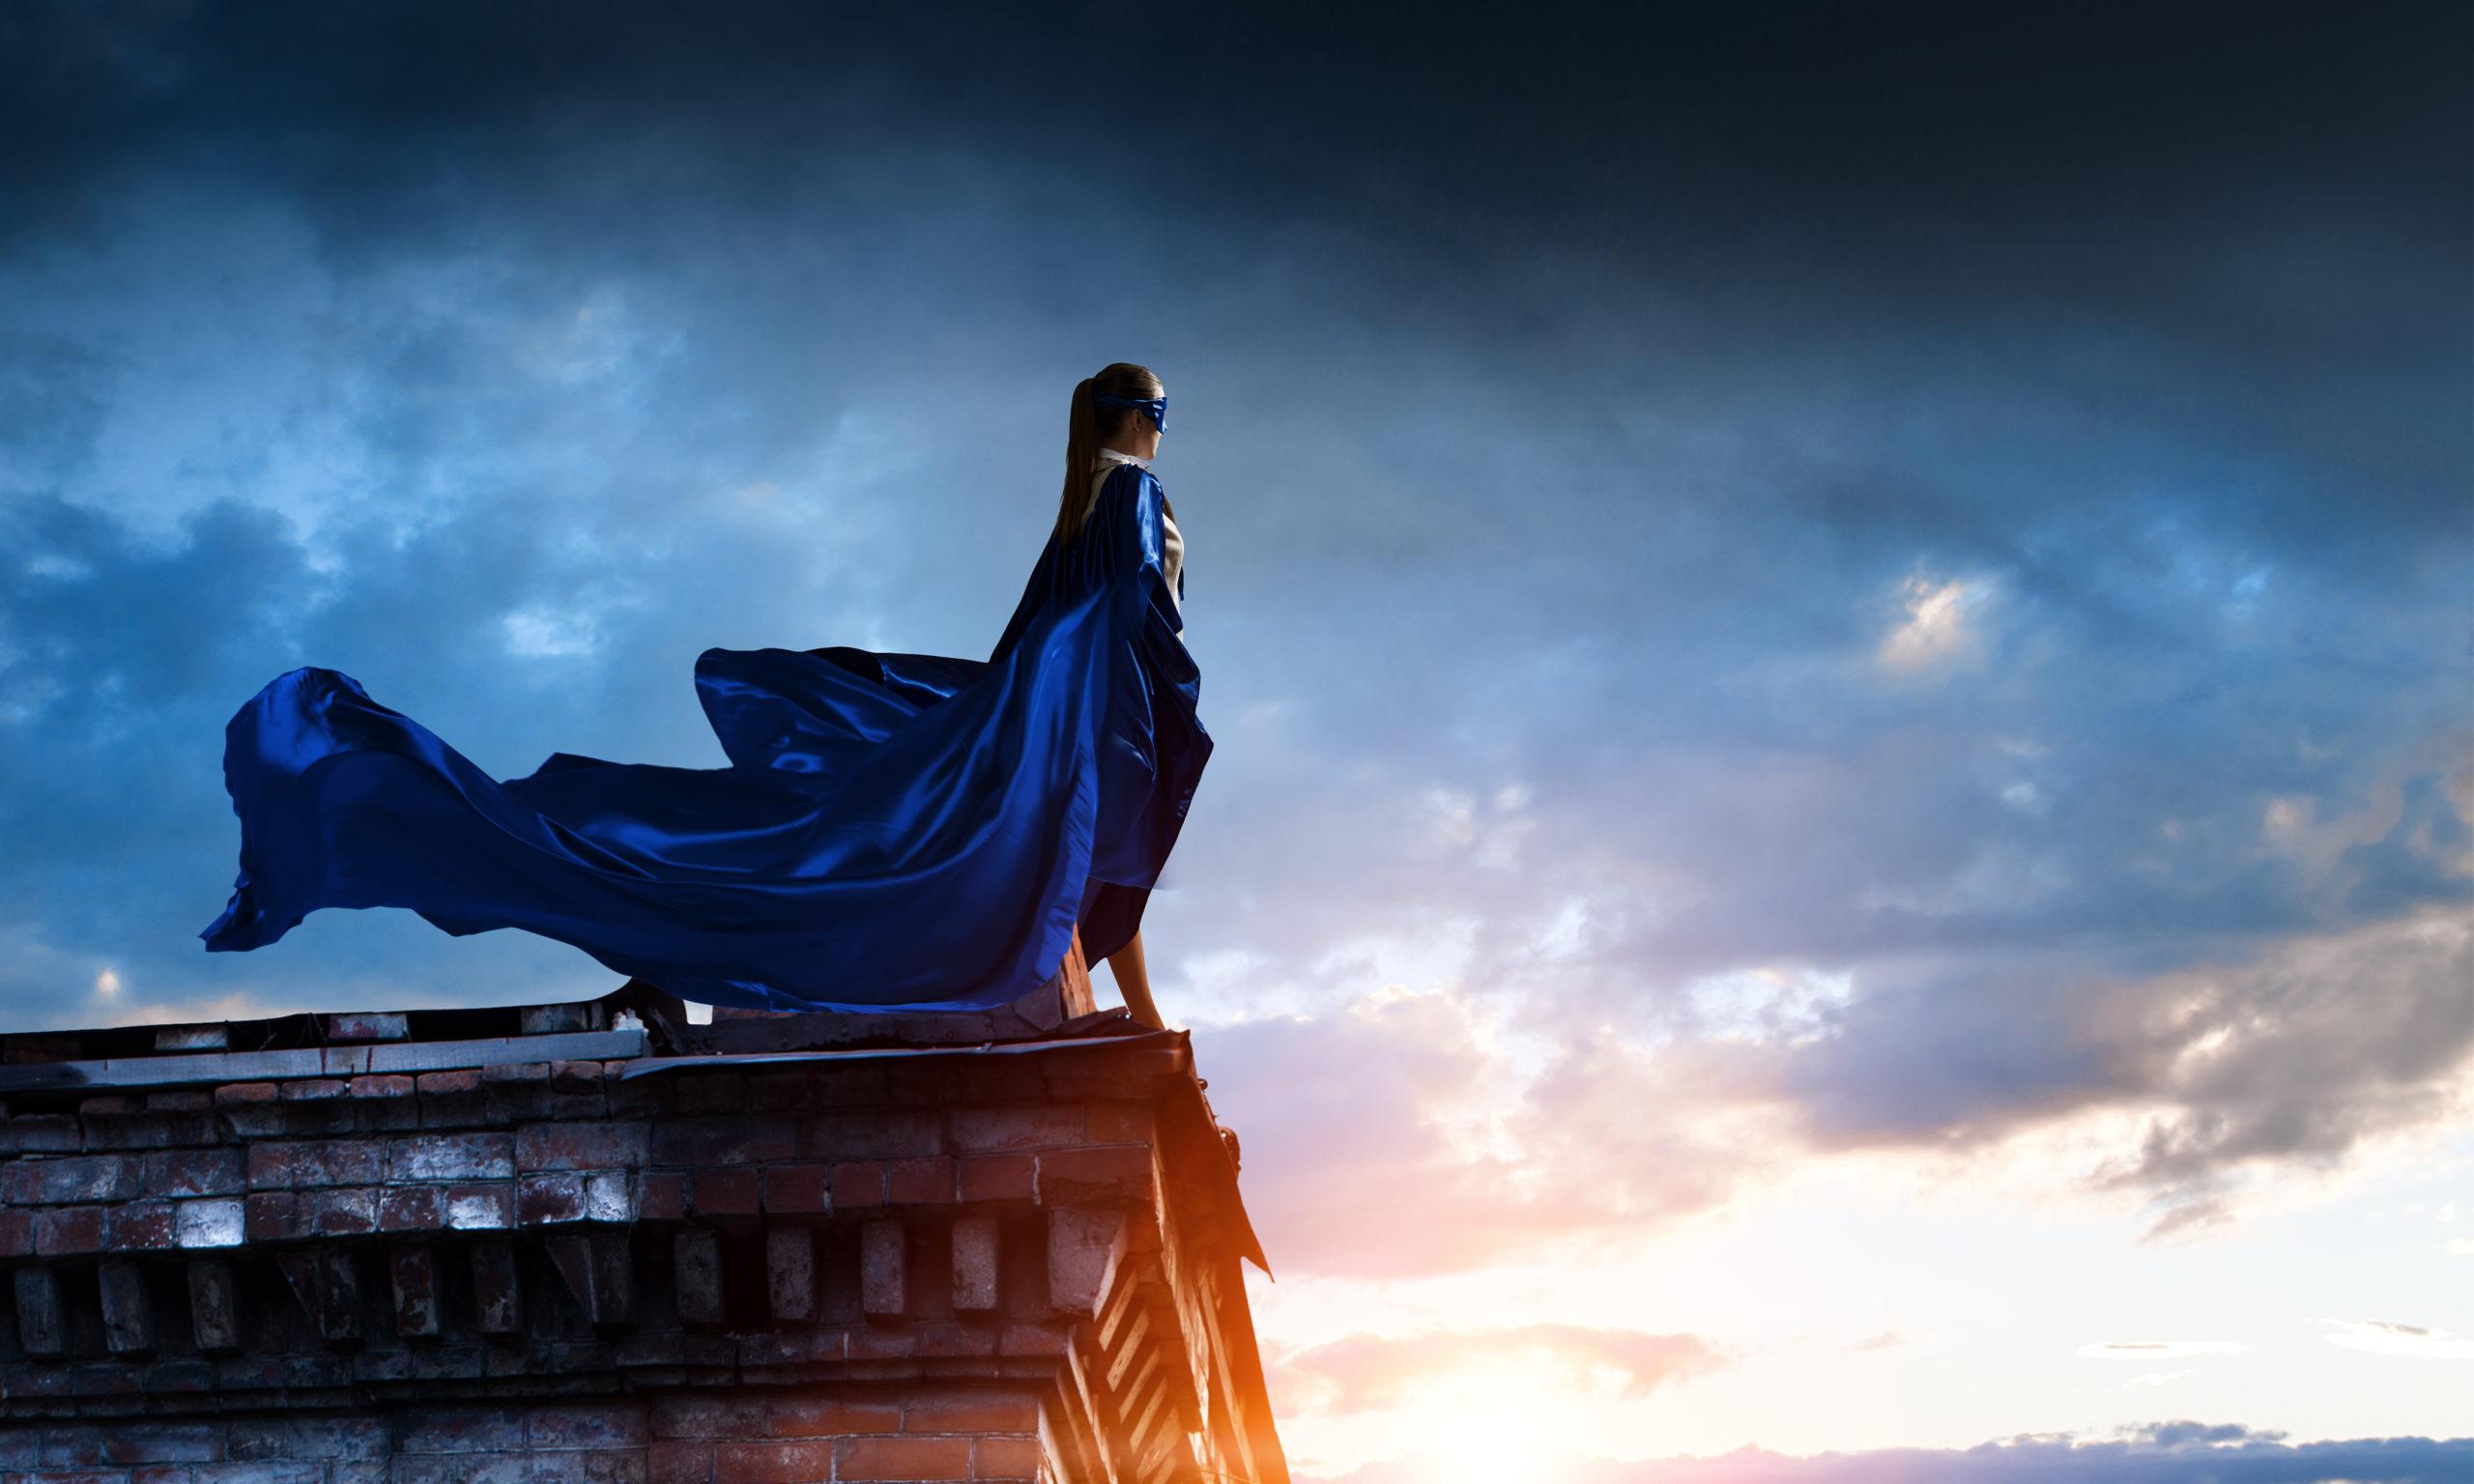 自分にとってのヒーローは誰?辛く苦しい時のヒーローってどんな人?